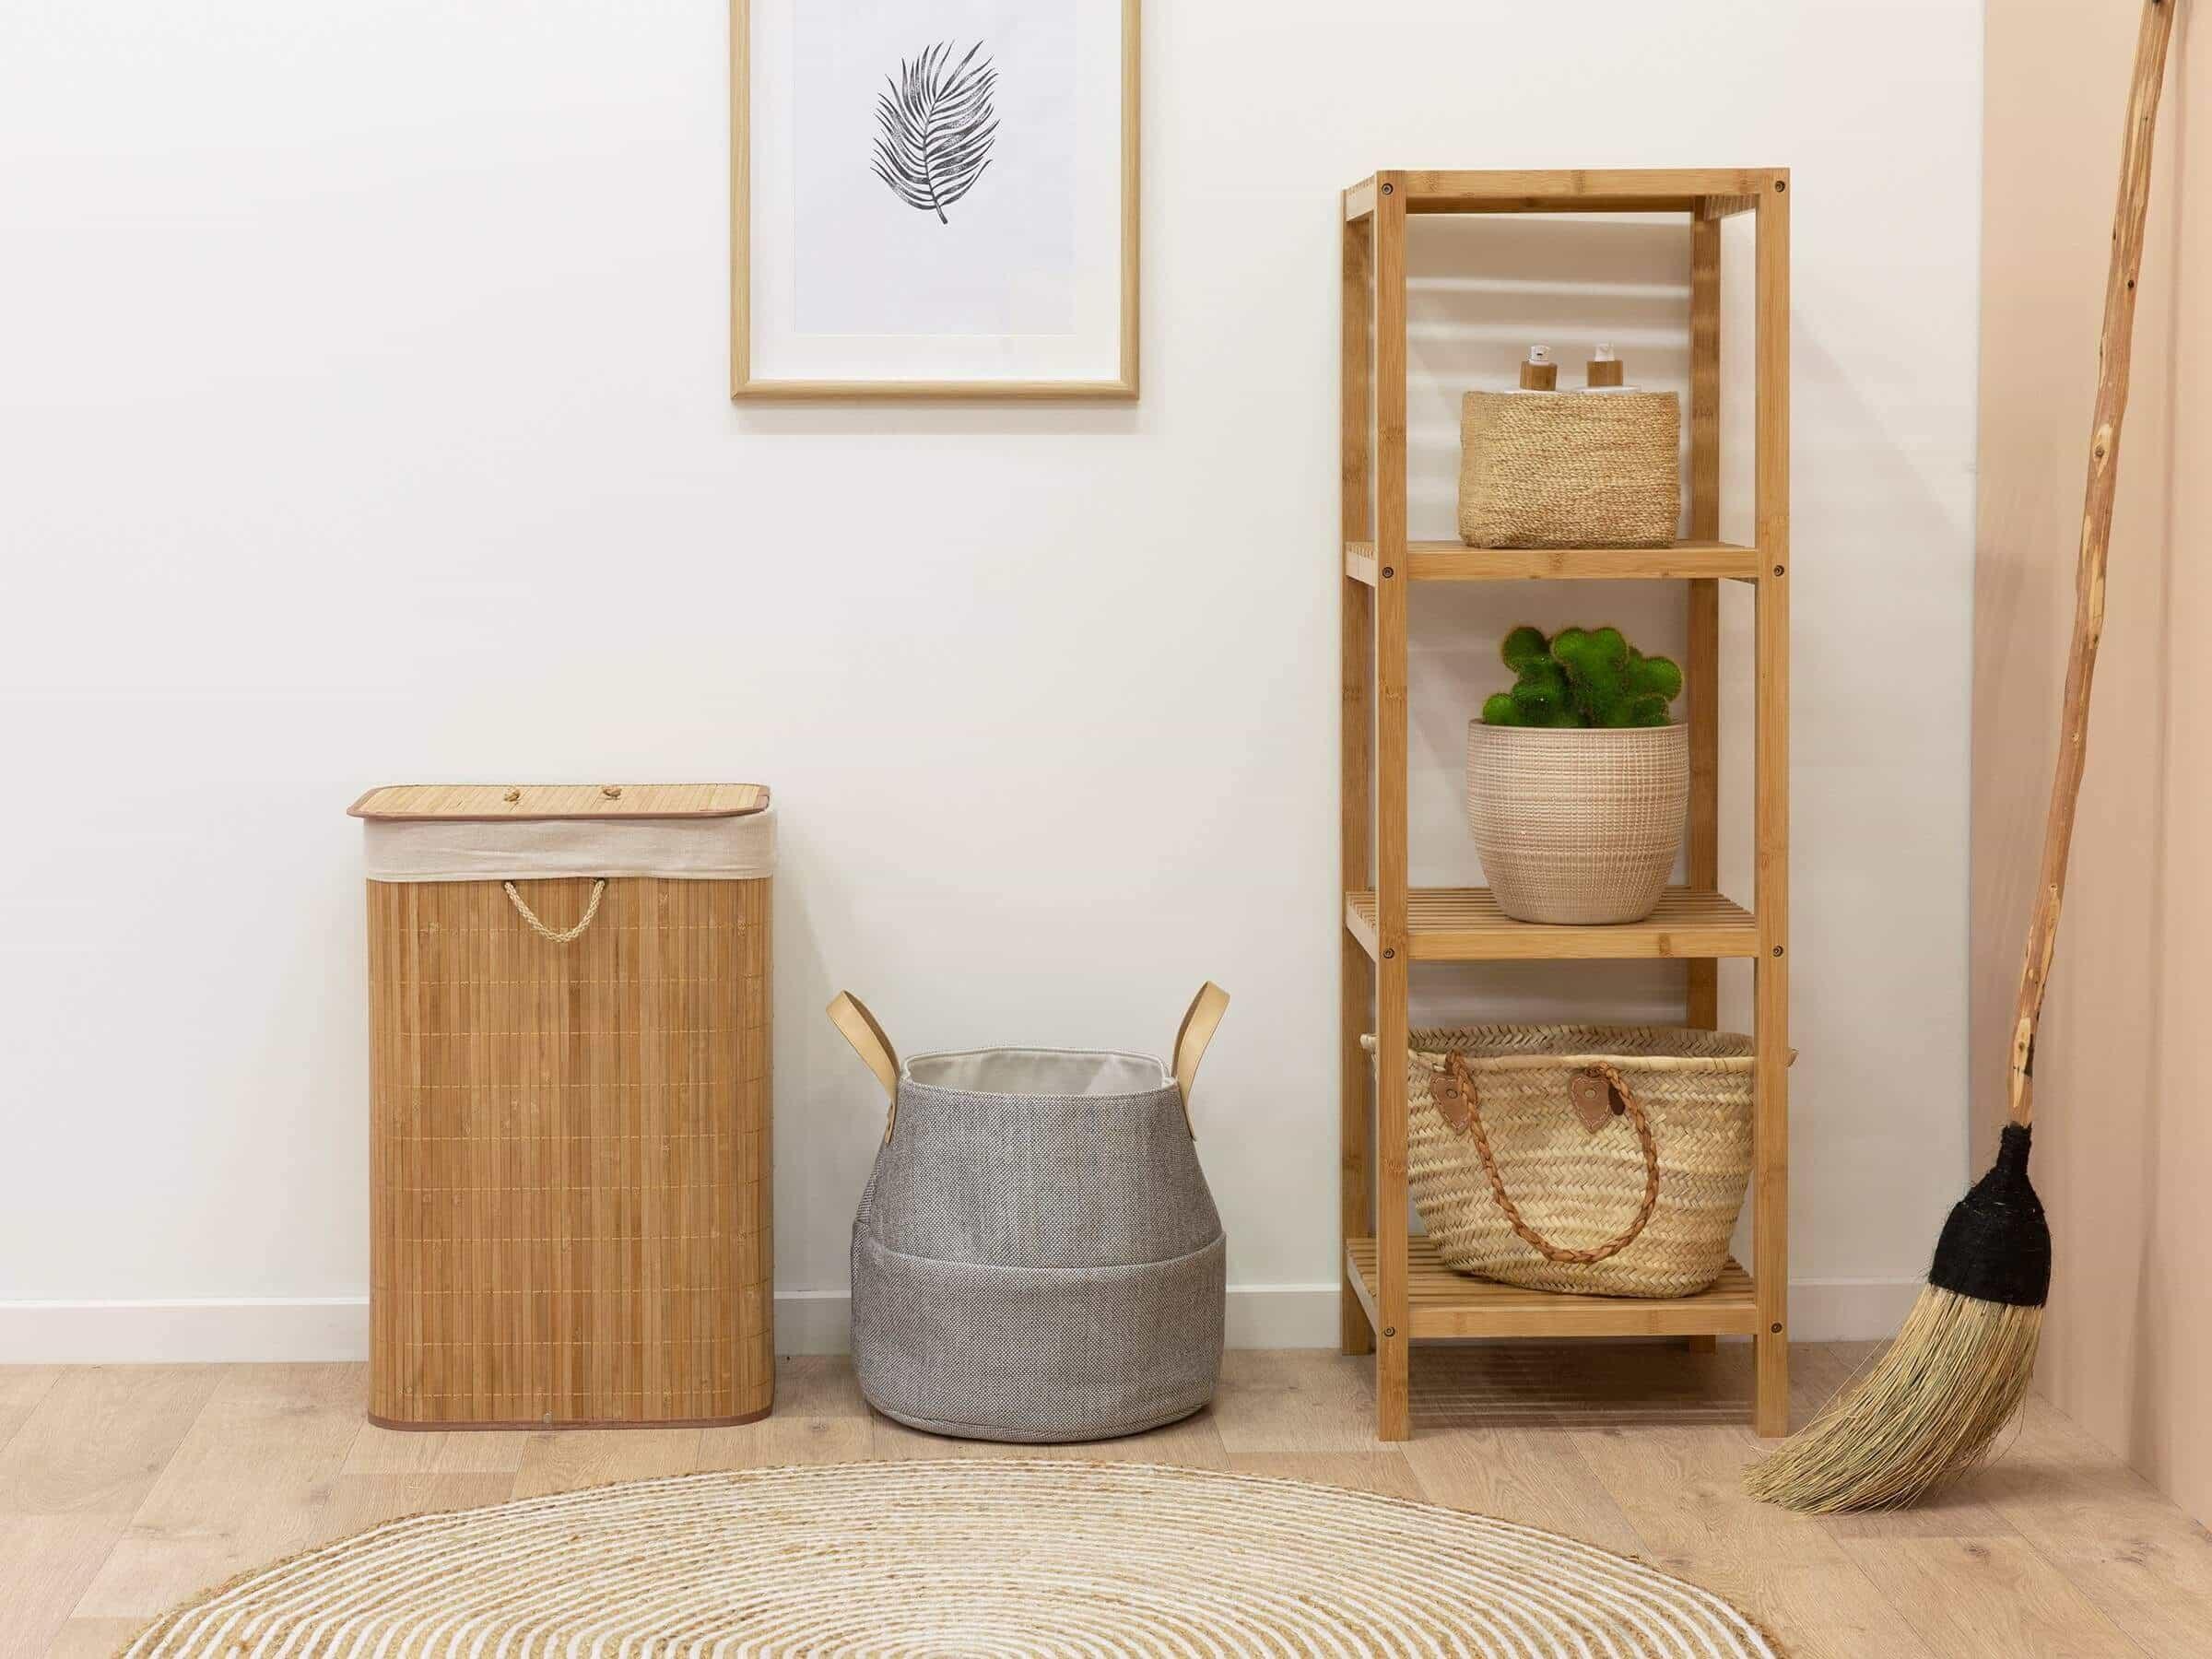 Laundry Hamper and Basket Design